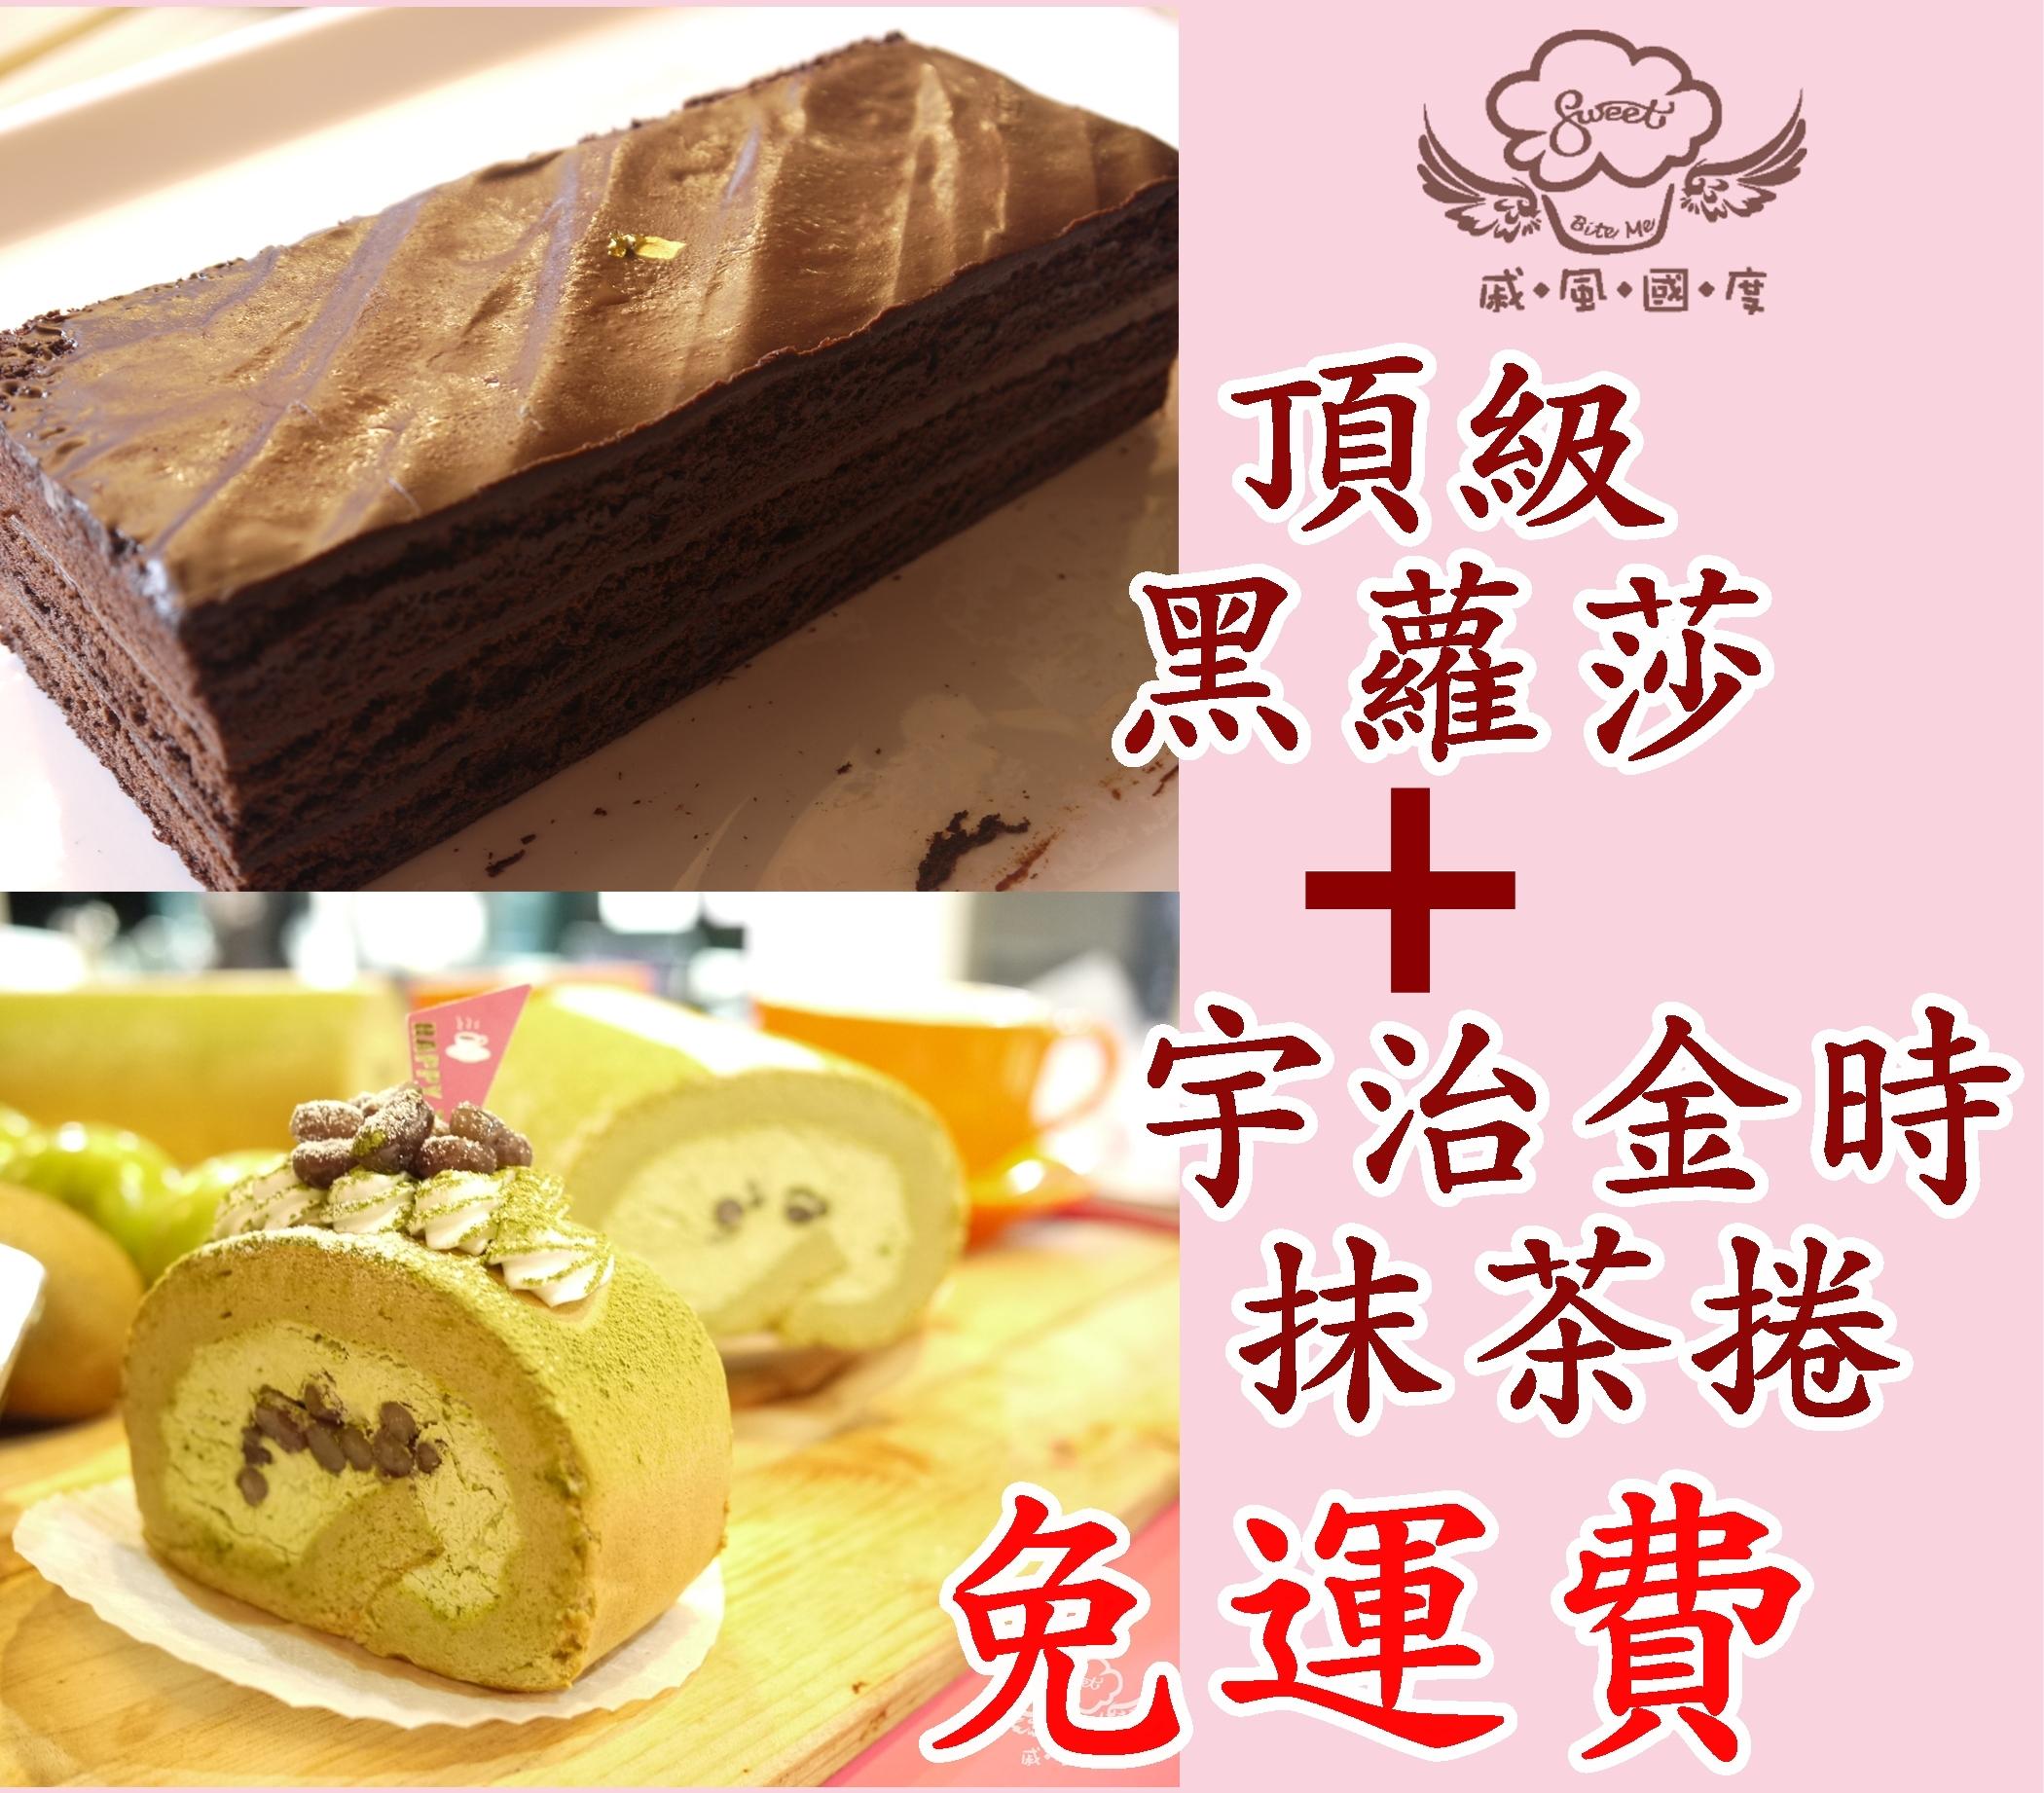 【免運優惠】黑蘿莎(頂級巧克力蛋糕)+宇治金時抹茶捲,只要$499!!![彌月、團購、伴手禮首選]